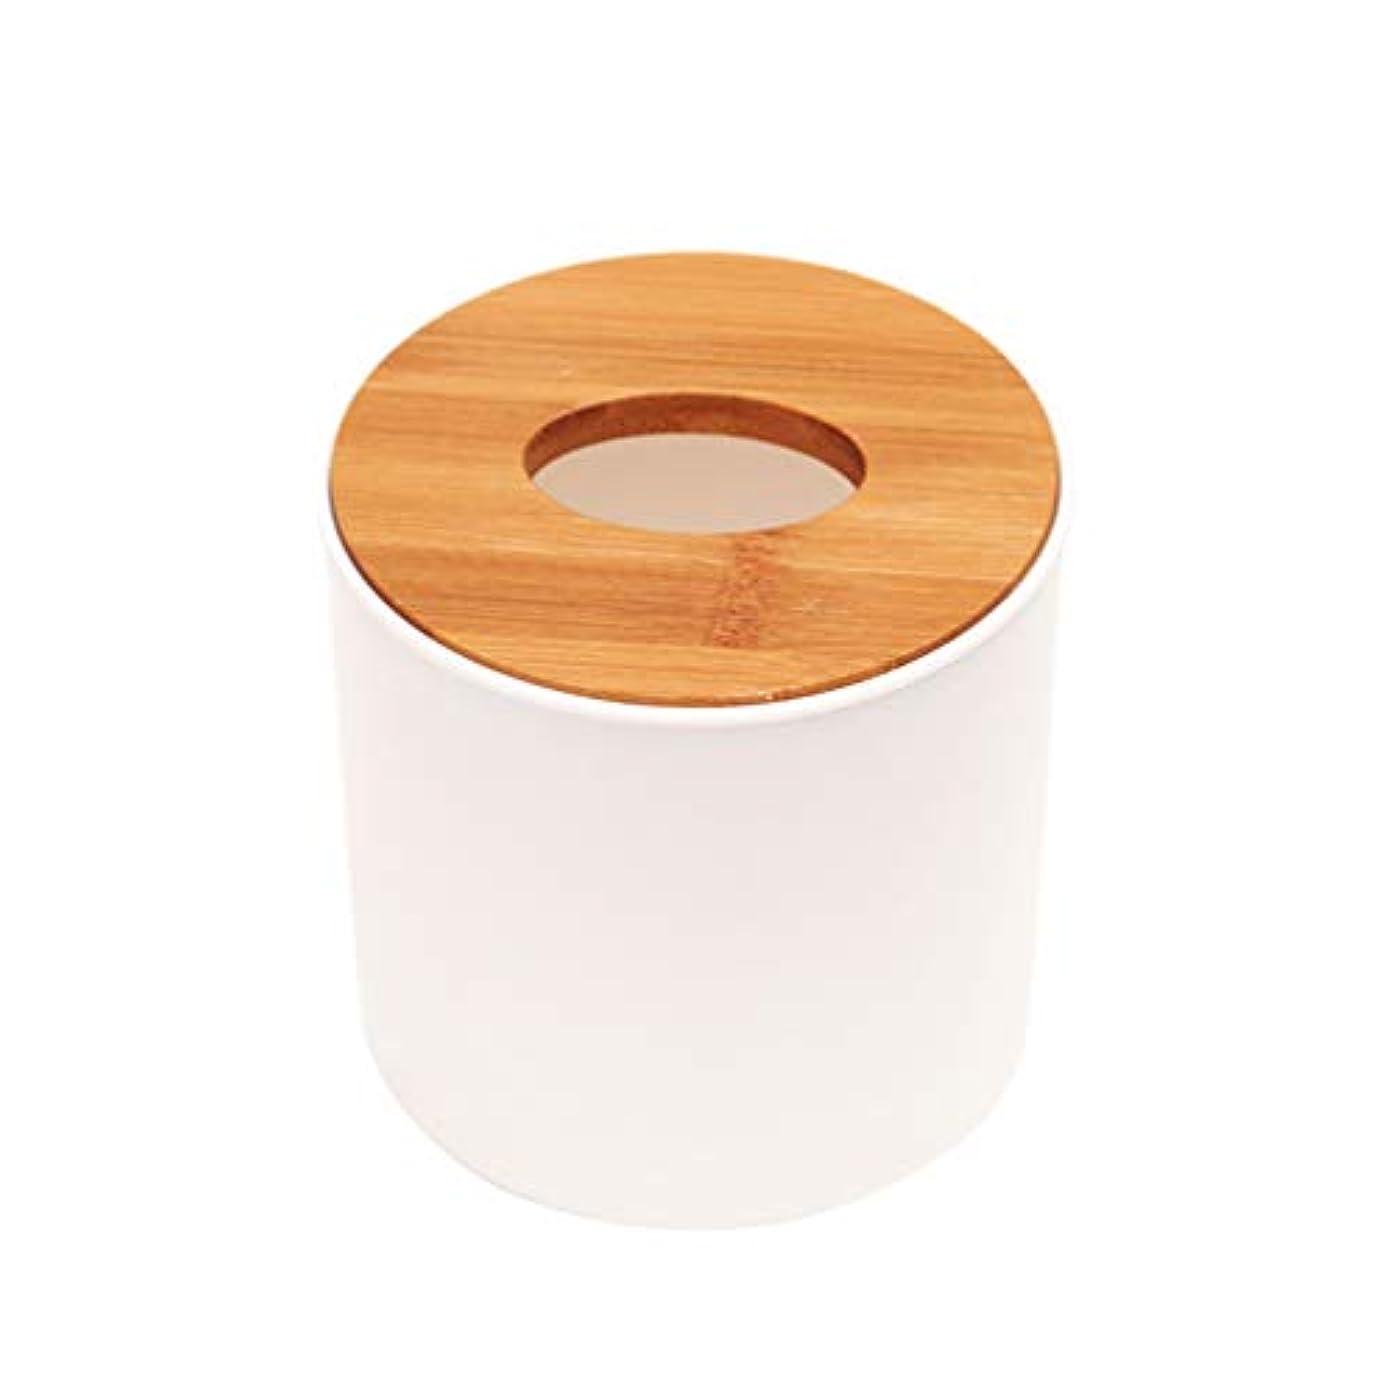 本部アスレチック討論TOPBATHY 2ピースティッシュボックス円筒木製カバープラスチック耐久性のあるティッシュペーパーホルダーオフィスホーム用品白